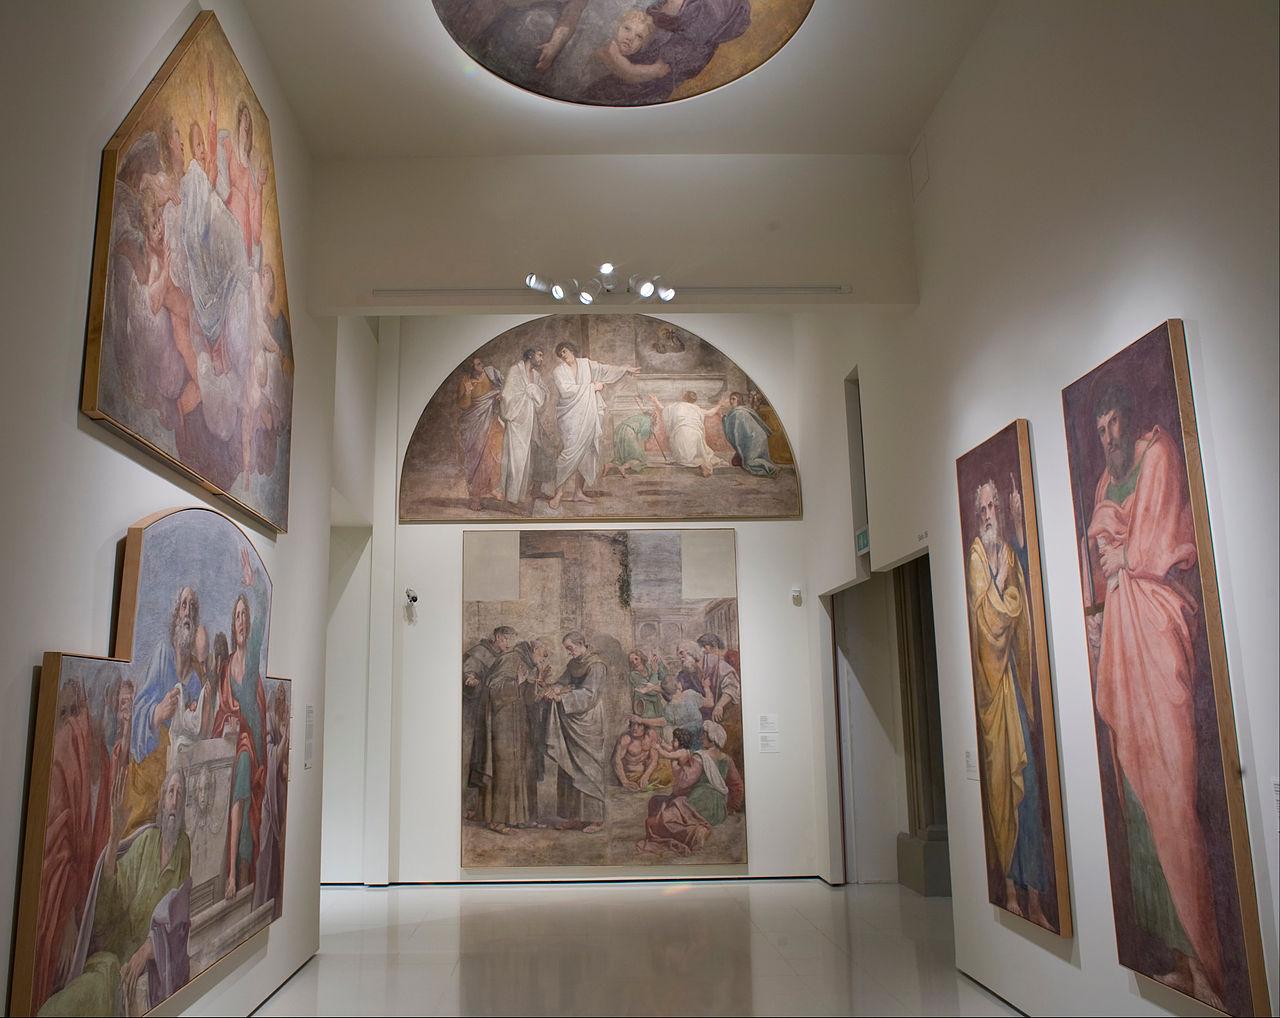 Национальный музей искусства Каталонии, один из залов